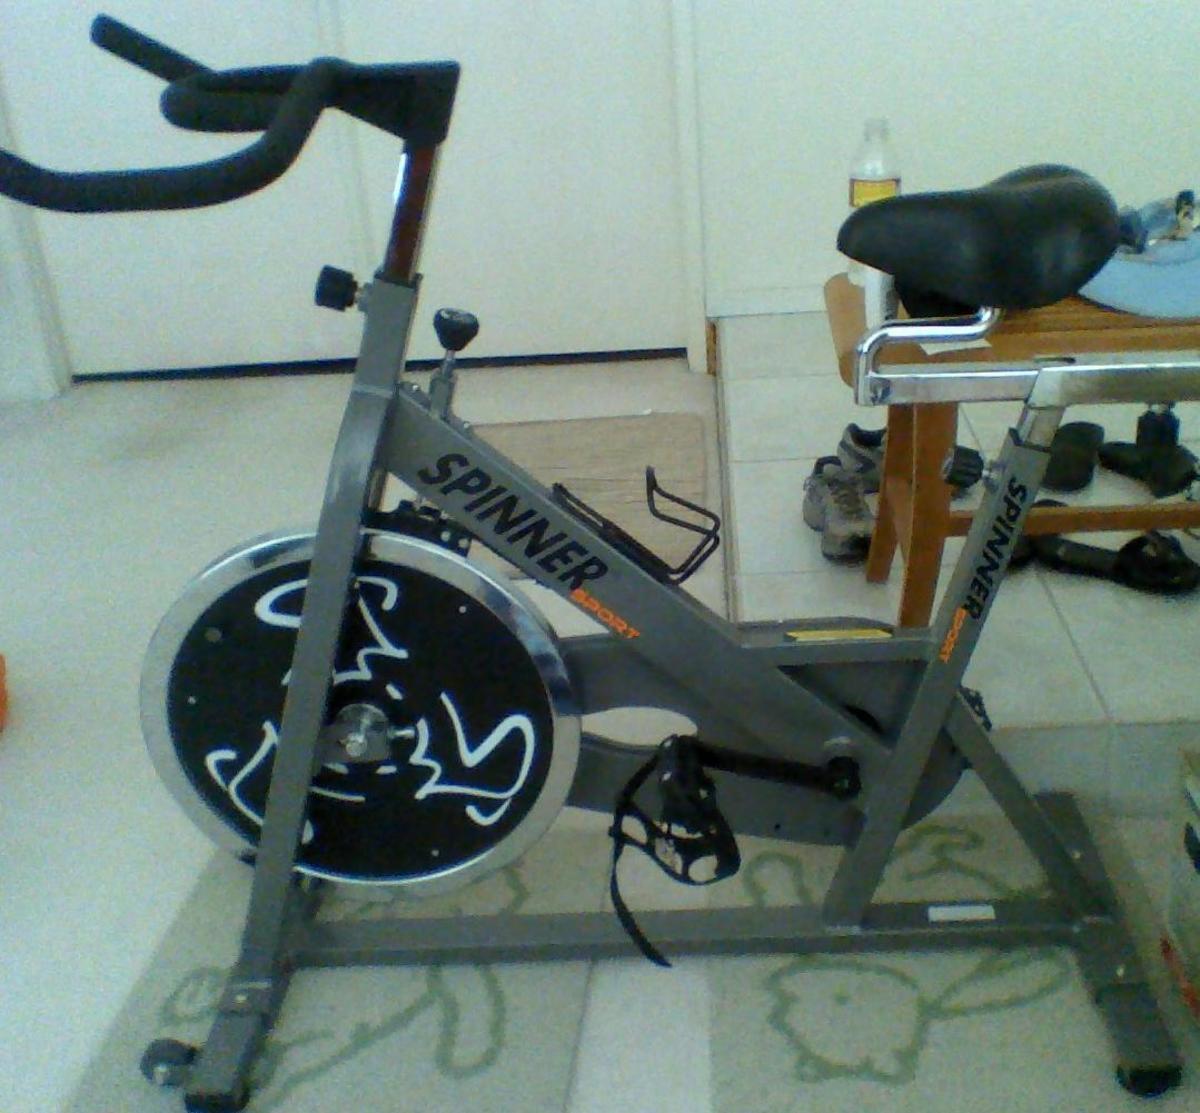 Spinner Sport Spin Bike Review